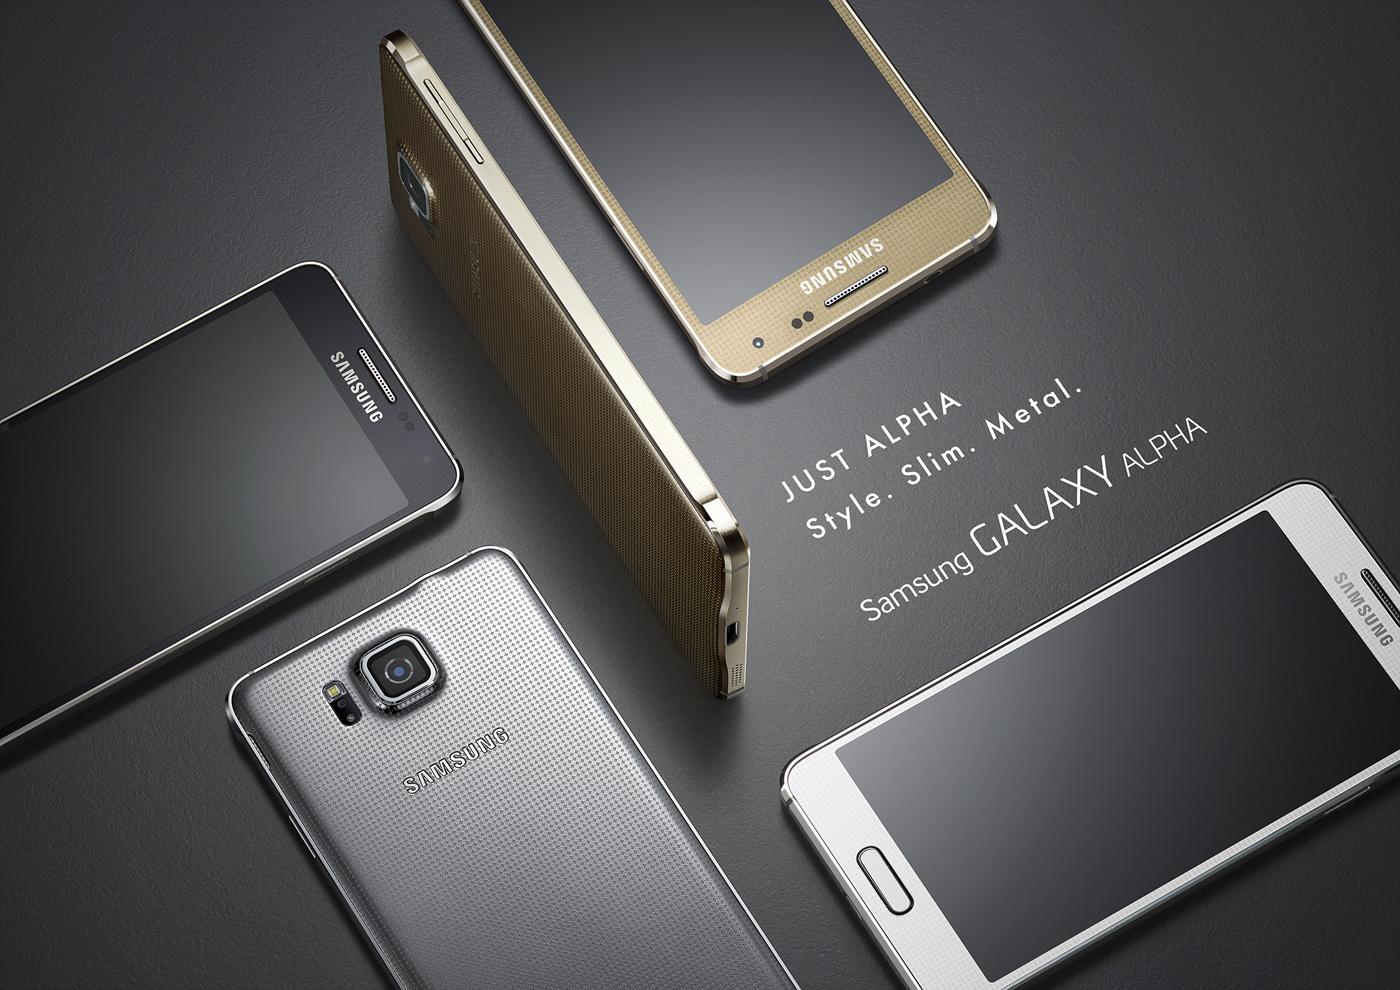 Galaxy Alpha l'annuncio ufficiale di Samsung